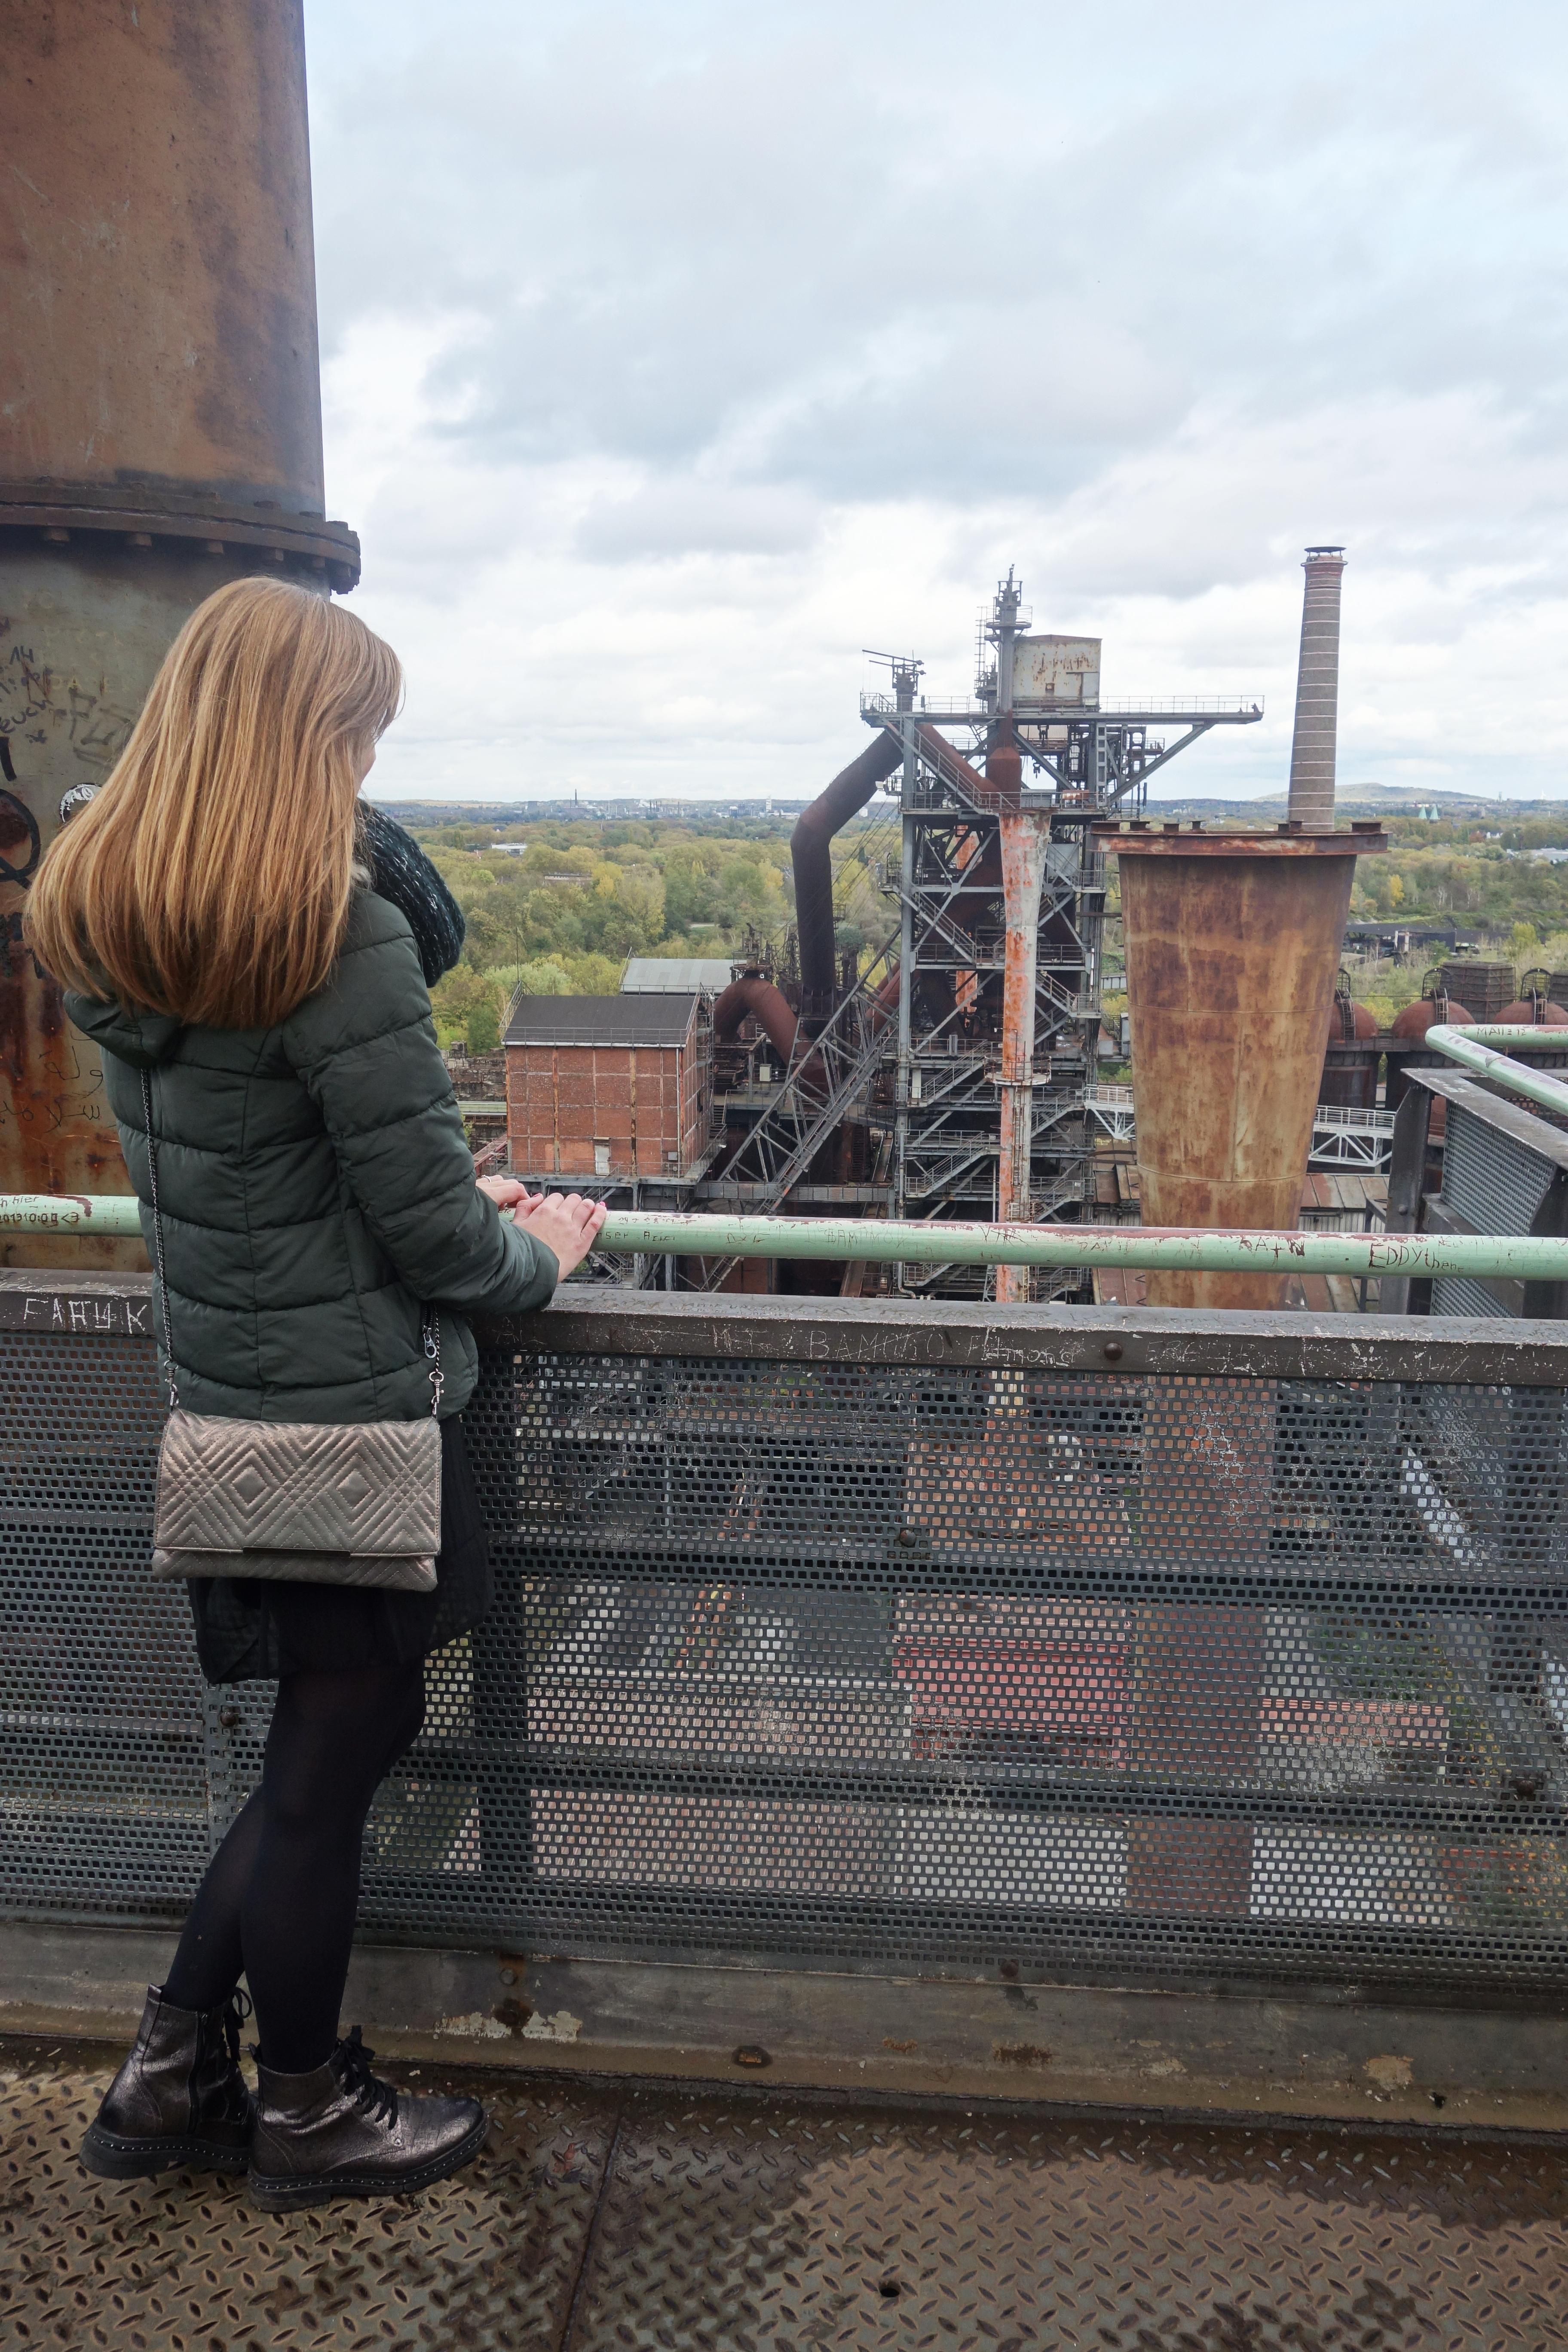 Das Bild zeigt den Ausblick vom Hochofen im Landschaftspark Duisburg-Nord